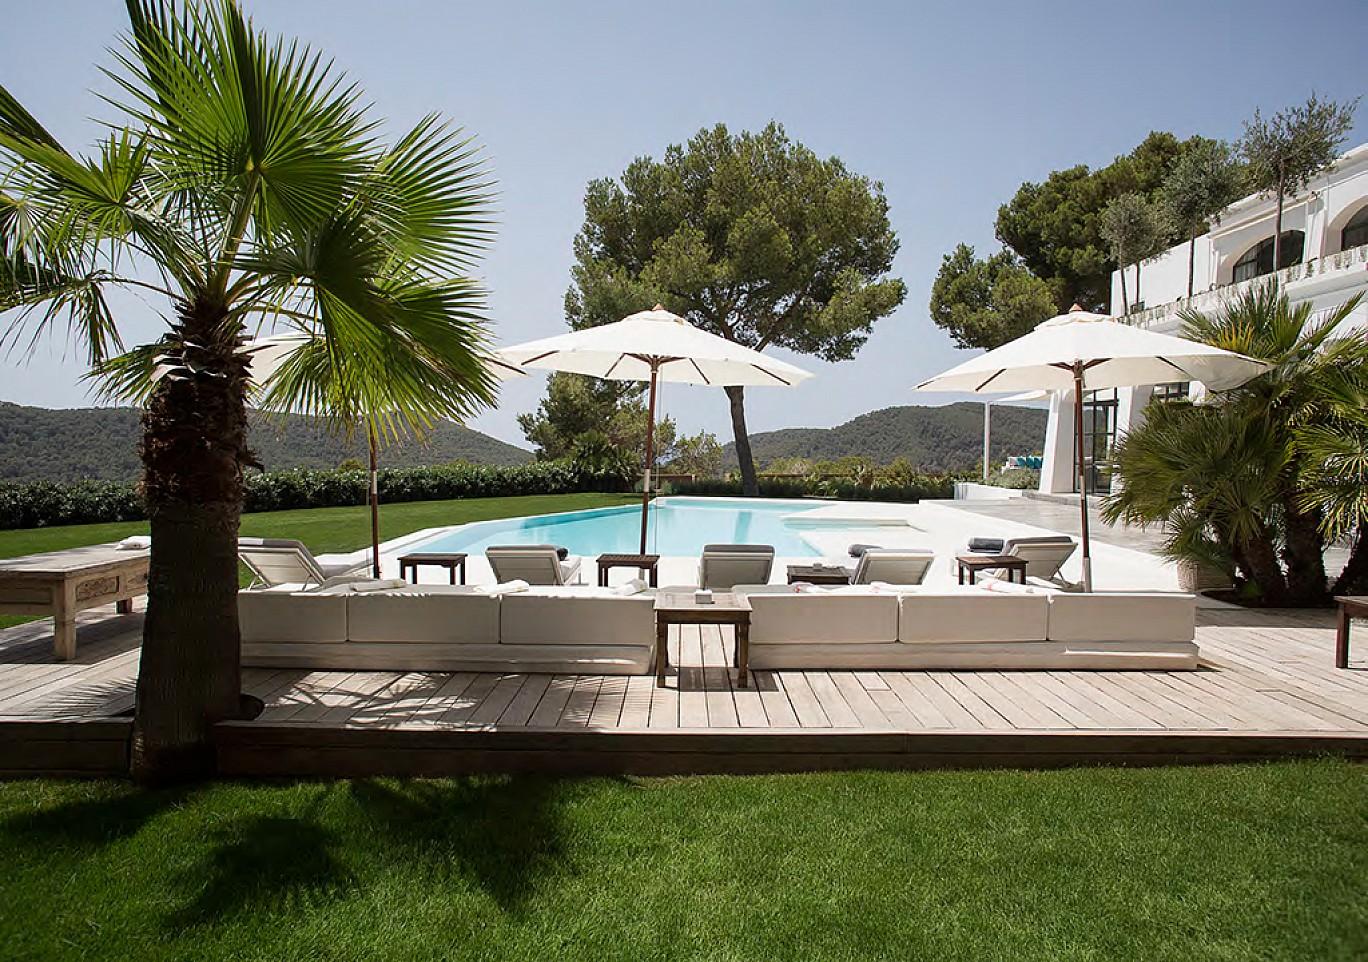 Vistas exteriores de la piscina con hamacas